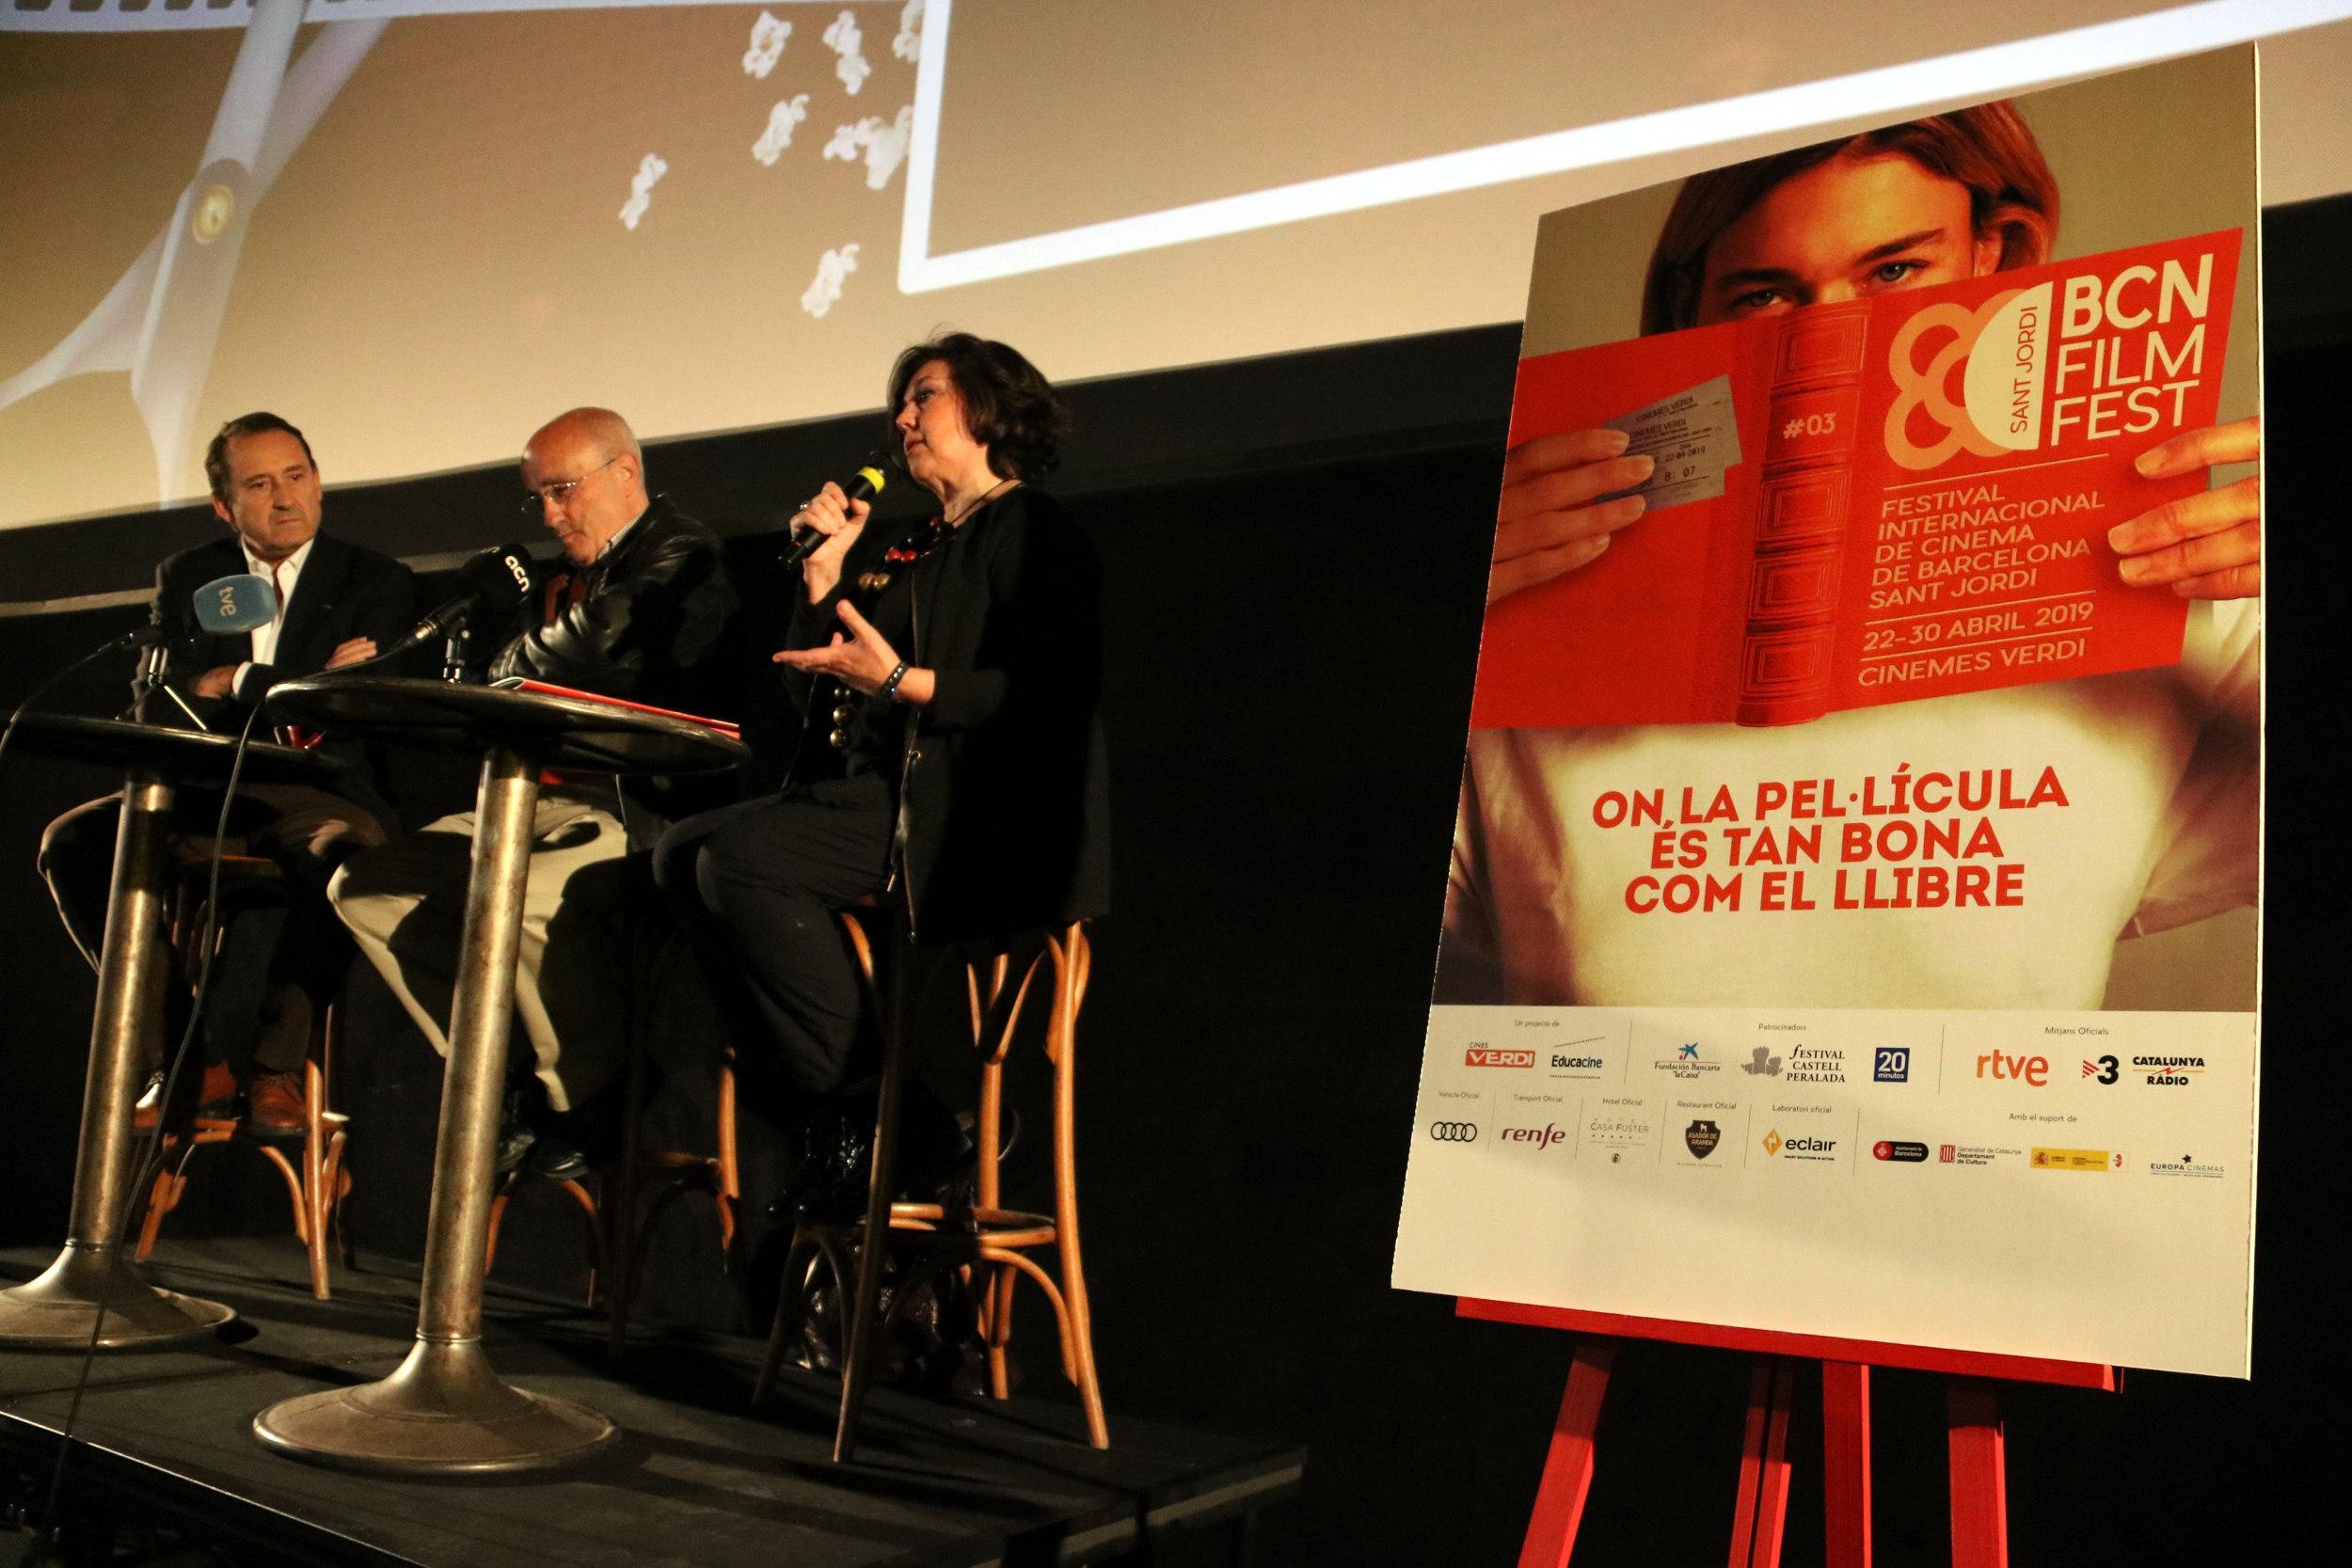 Cartell promocional del tercer Bcn Film Fest 2019, amb els socis del Verdi Enric Pérez i Adolfo Blanco i la directora del festival Conxita Casanovas. / ACN (Pau Cortina)